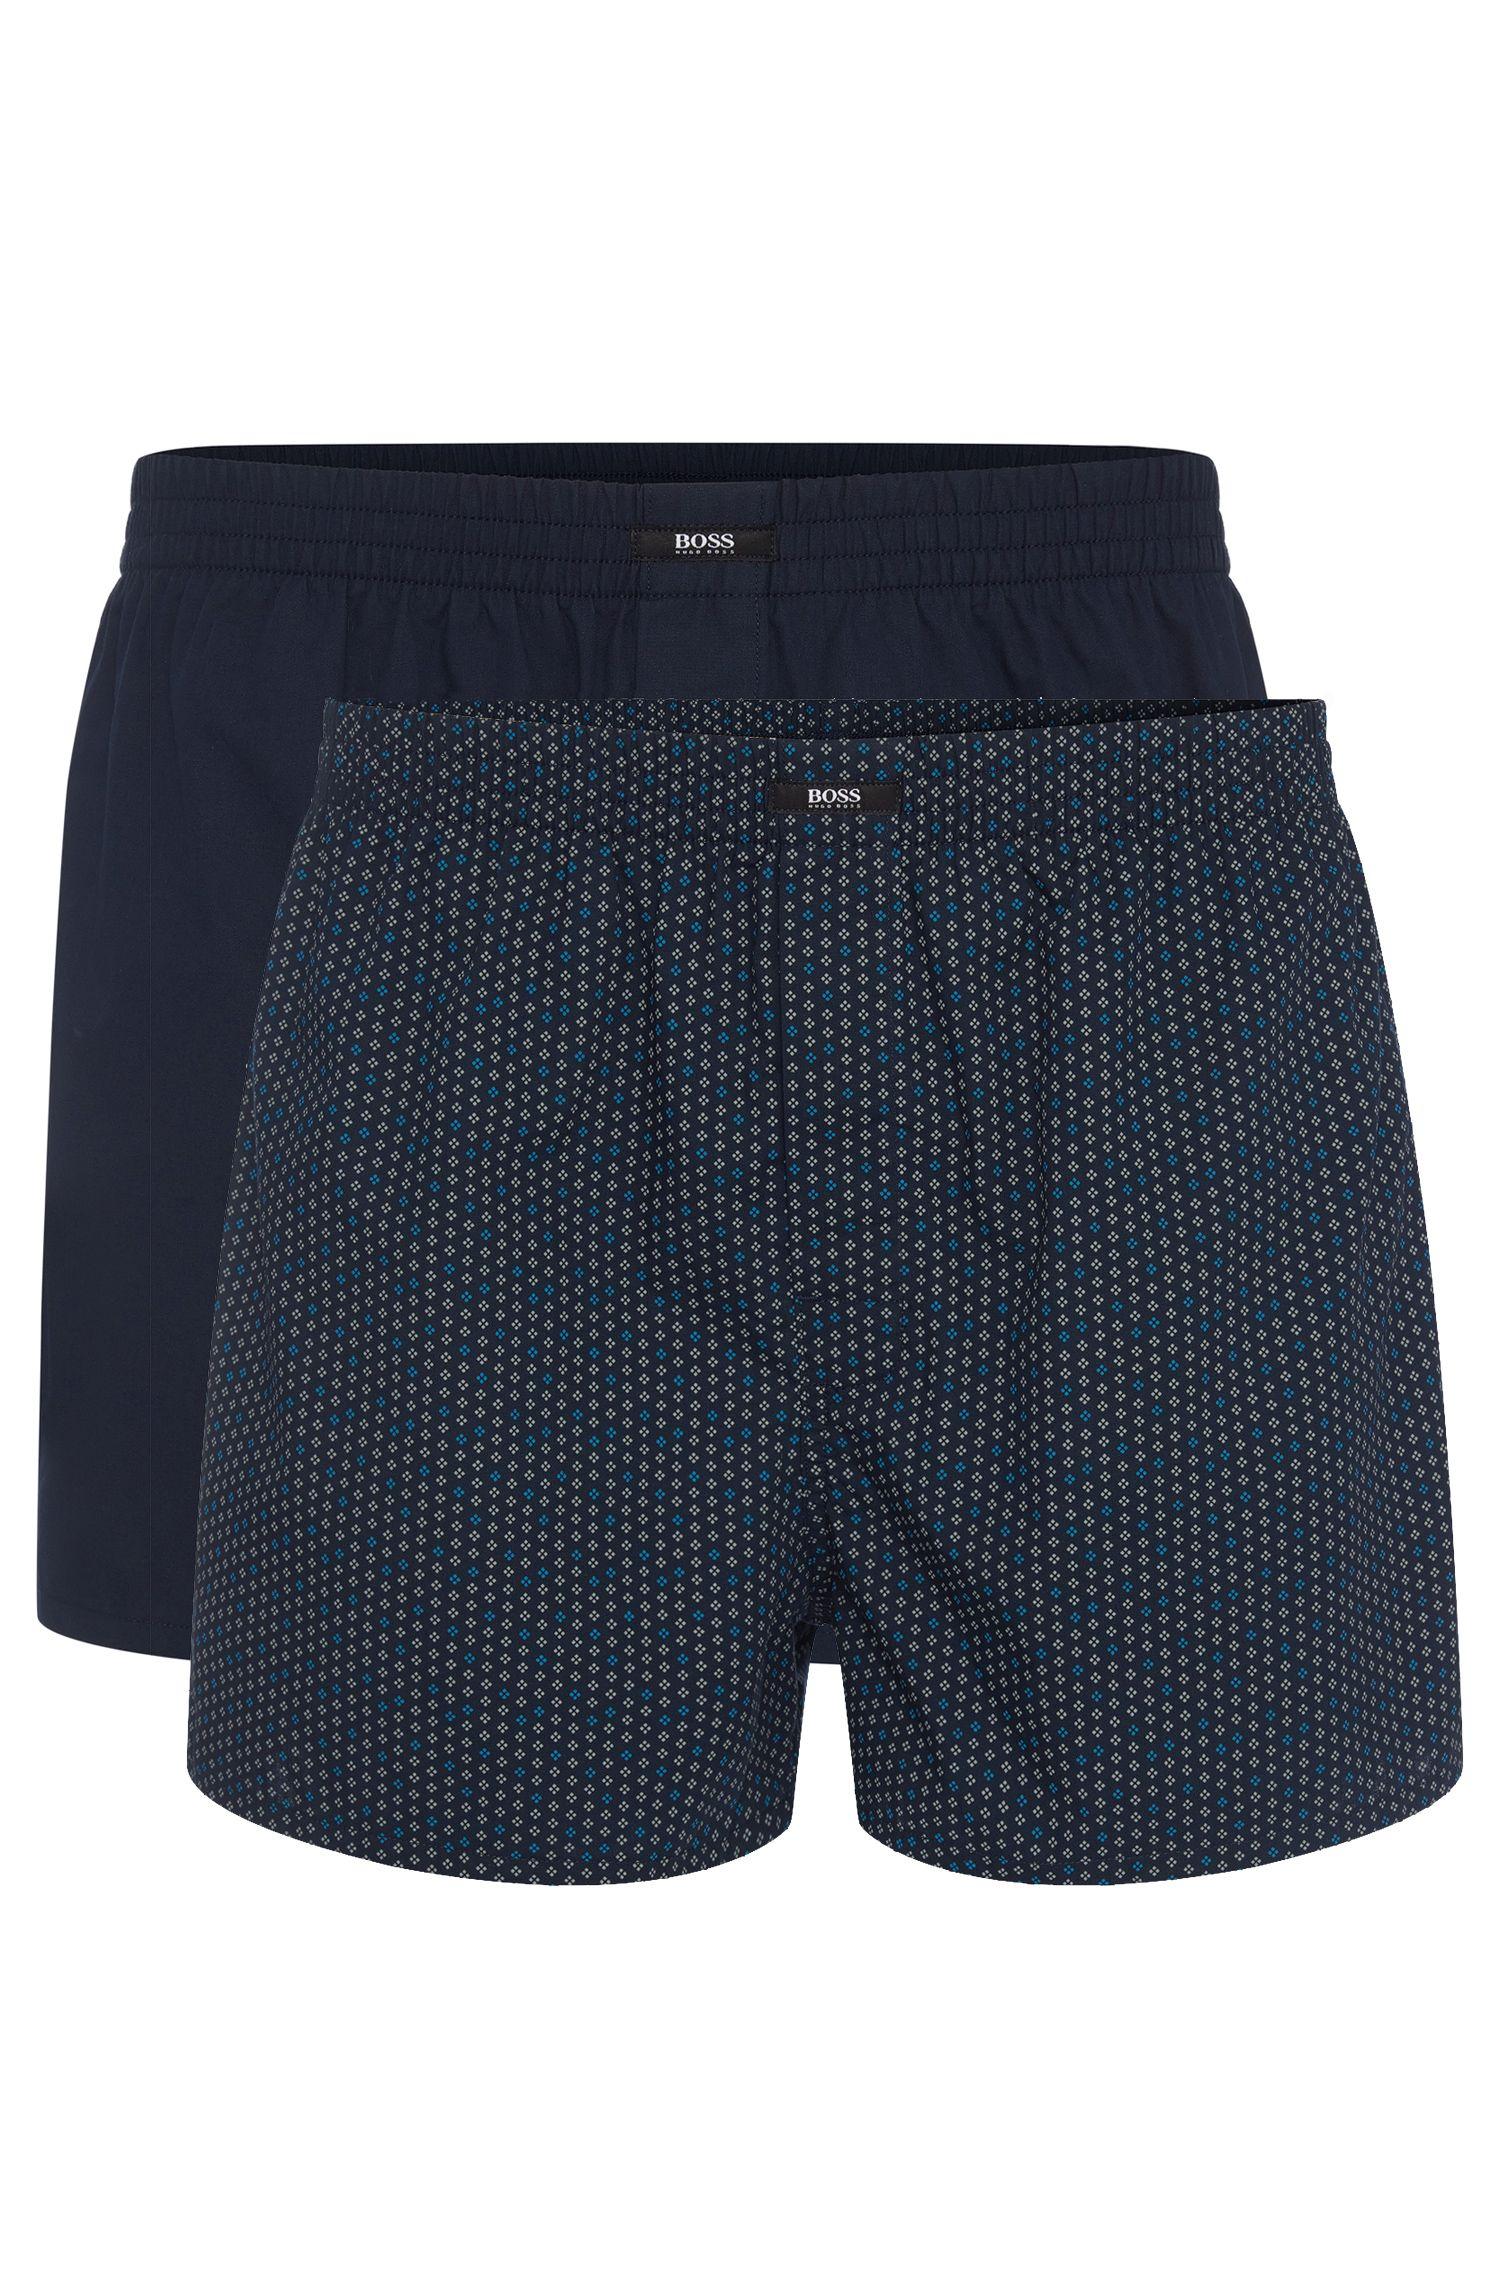 Boxershorts aus Baumwolle im Zweier-Pack: 'Boxer CW 2P'